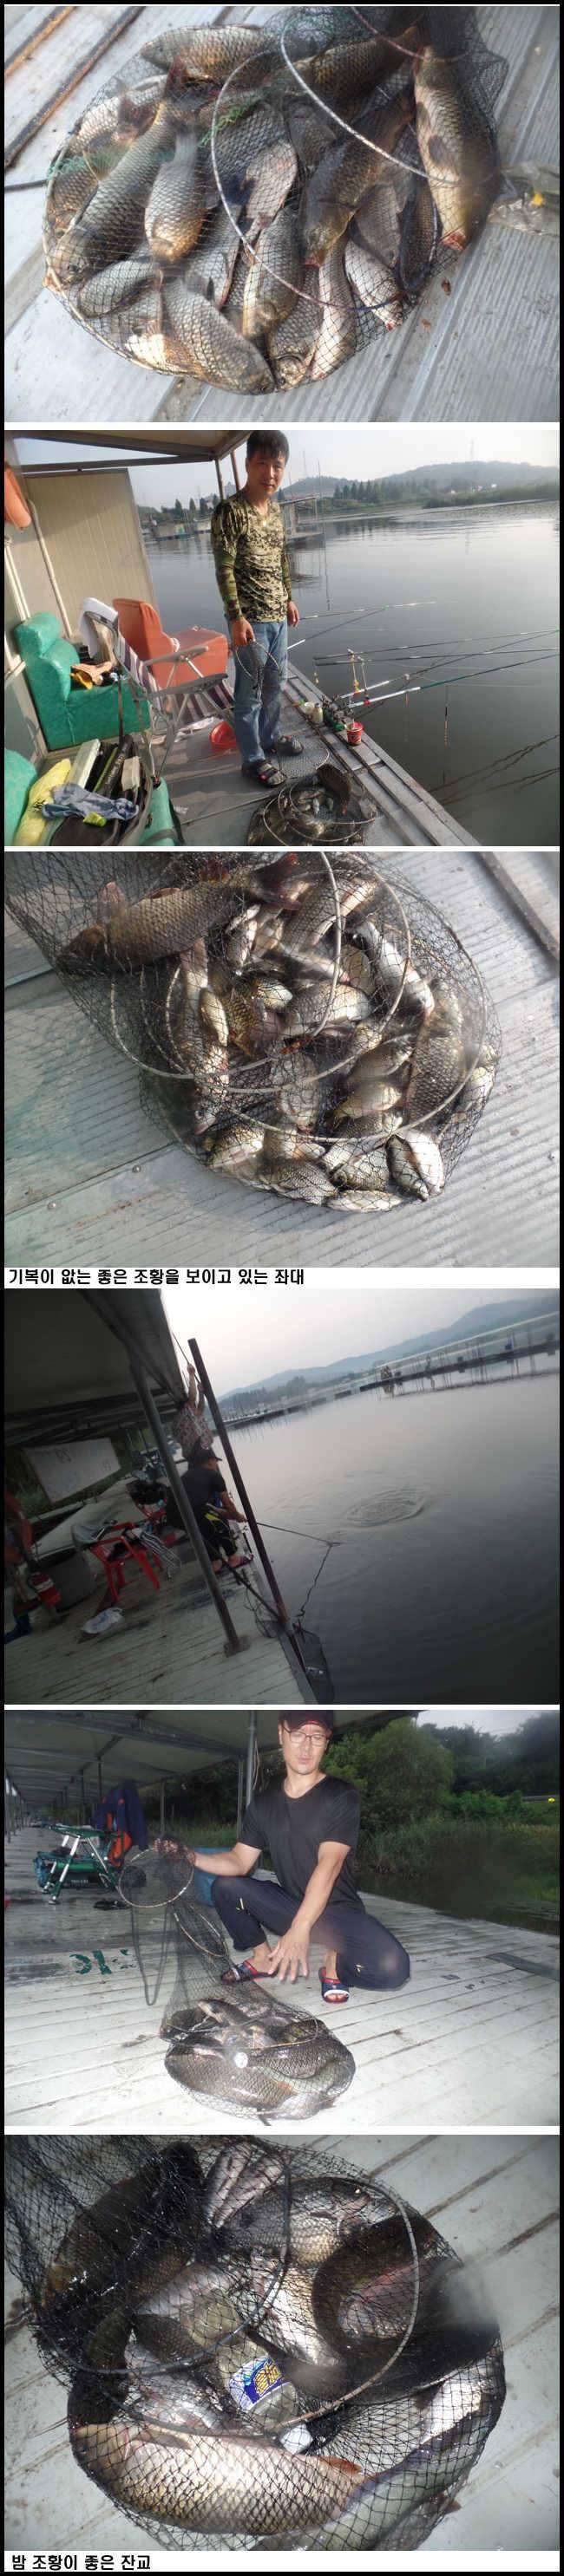 fish_pay_08144054.jpg